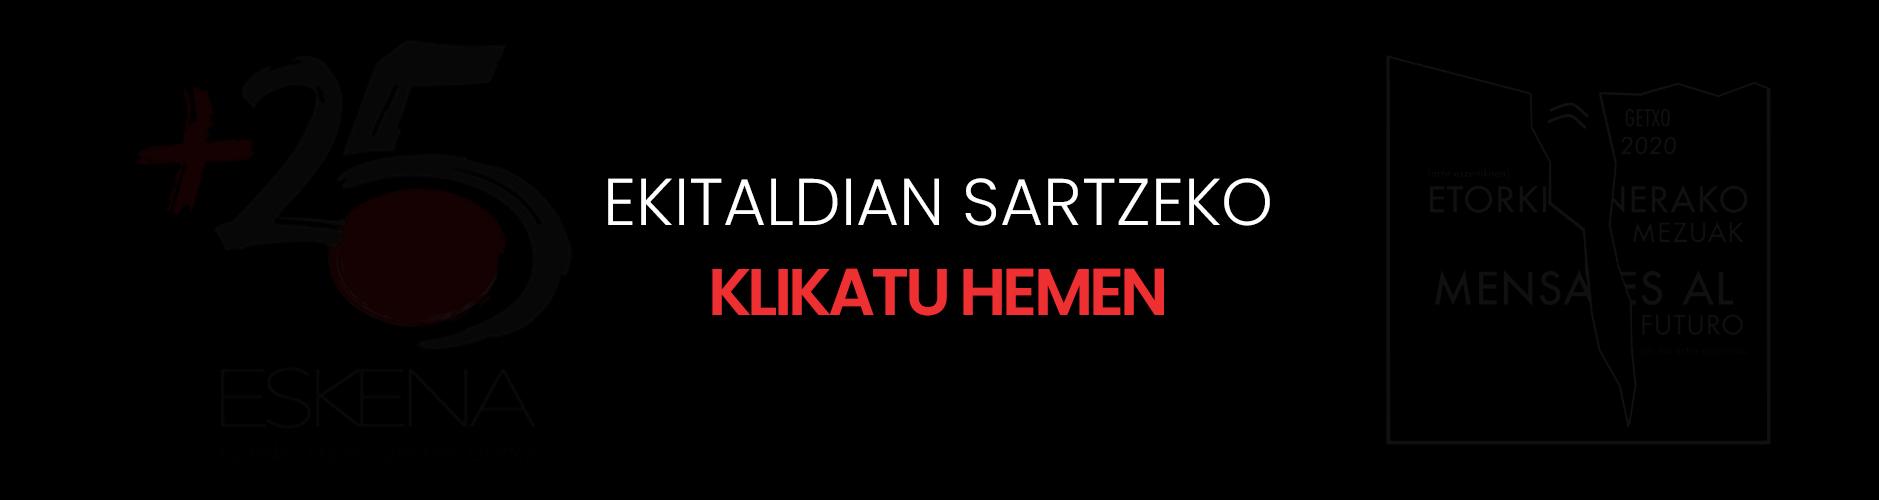 Etorkizunerako mezuak banner